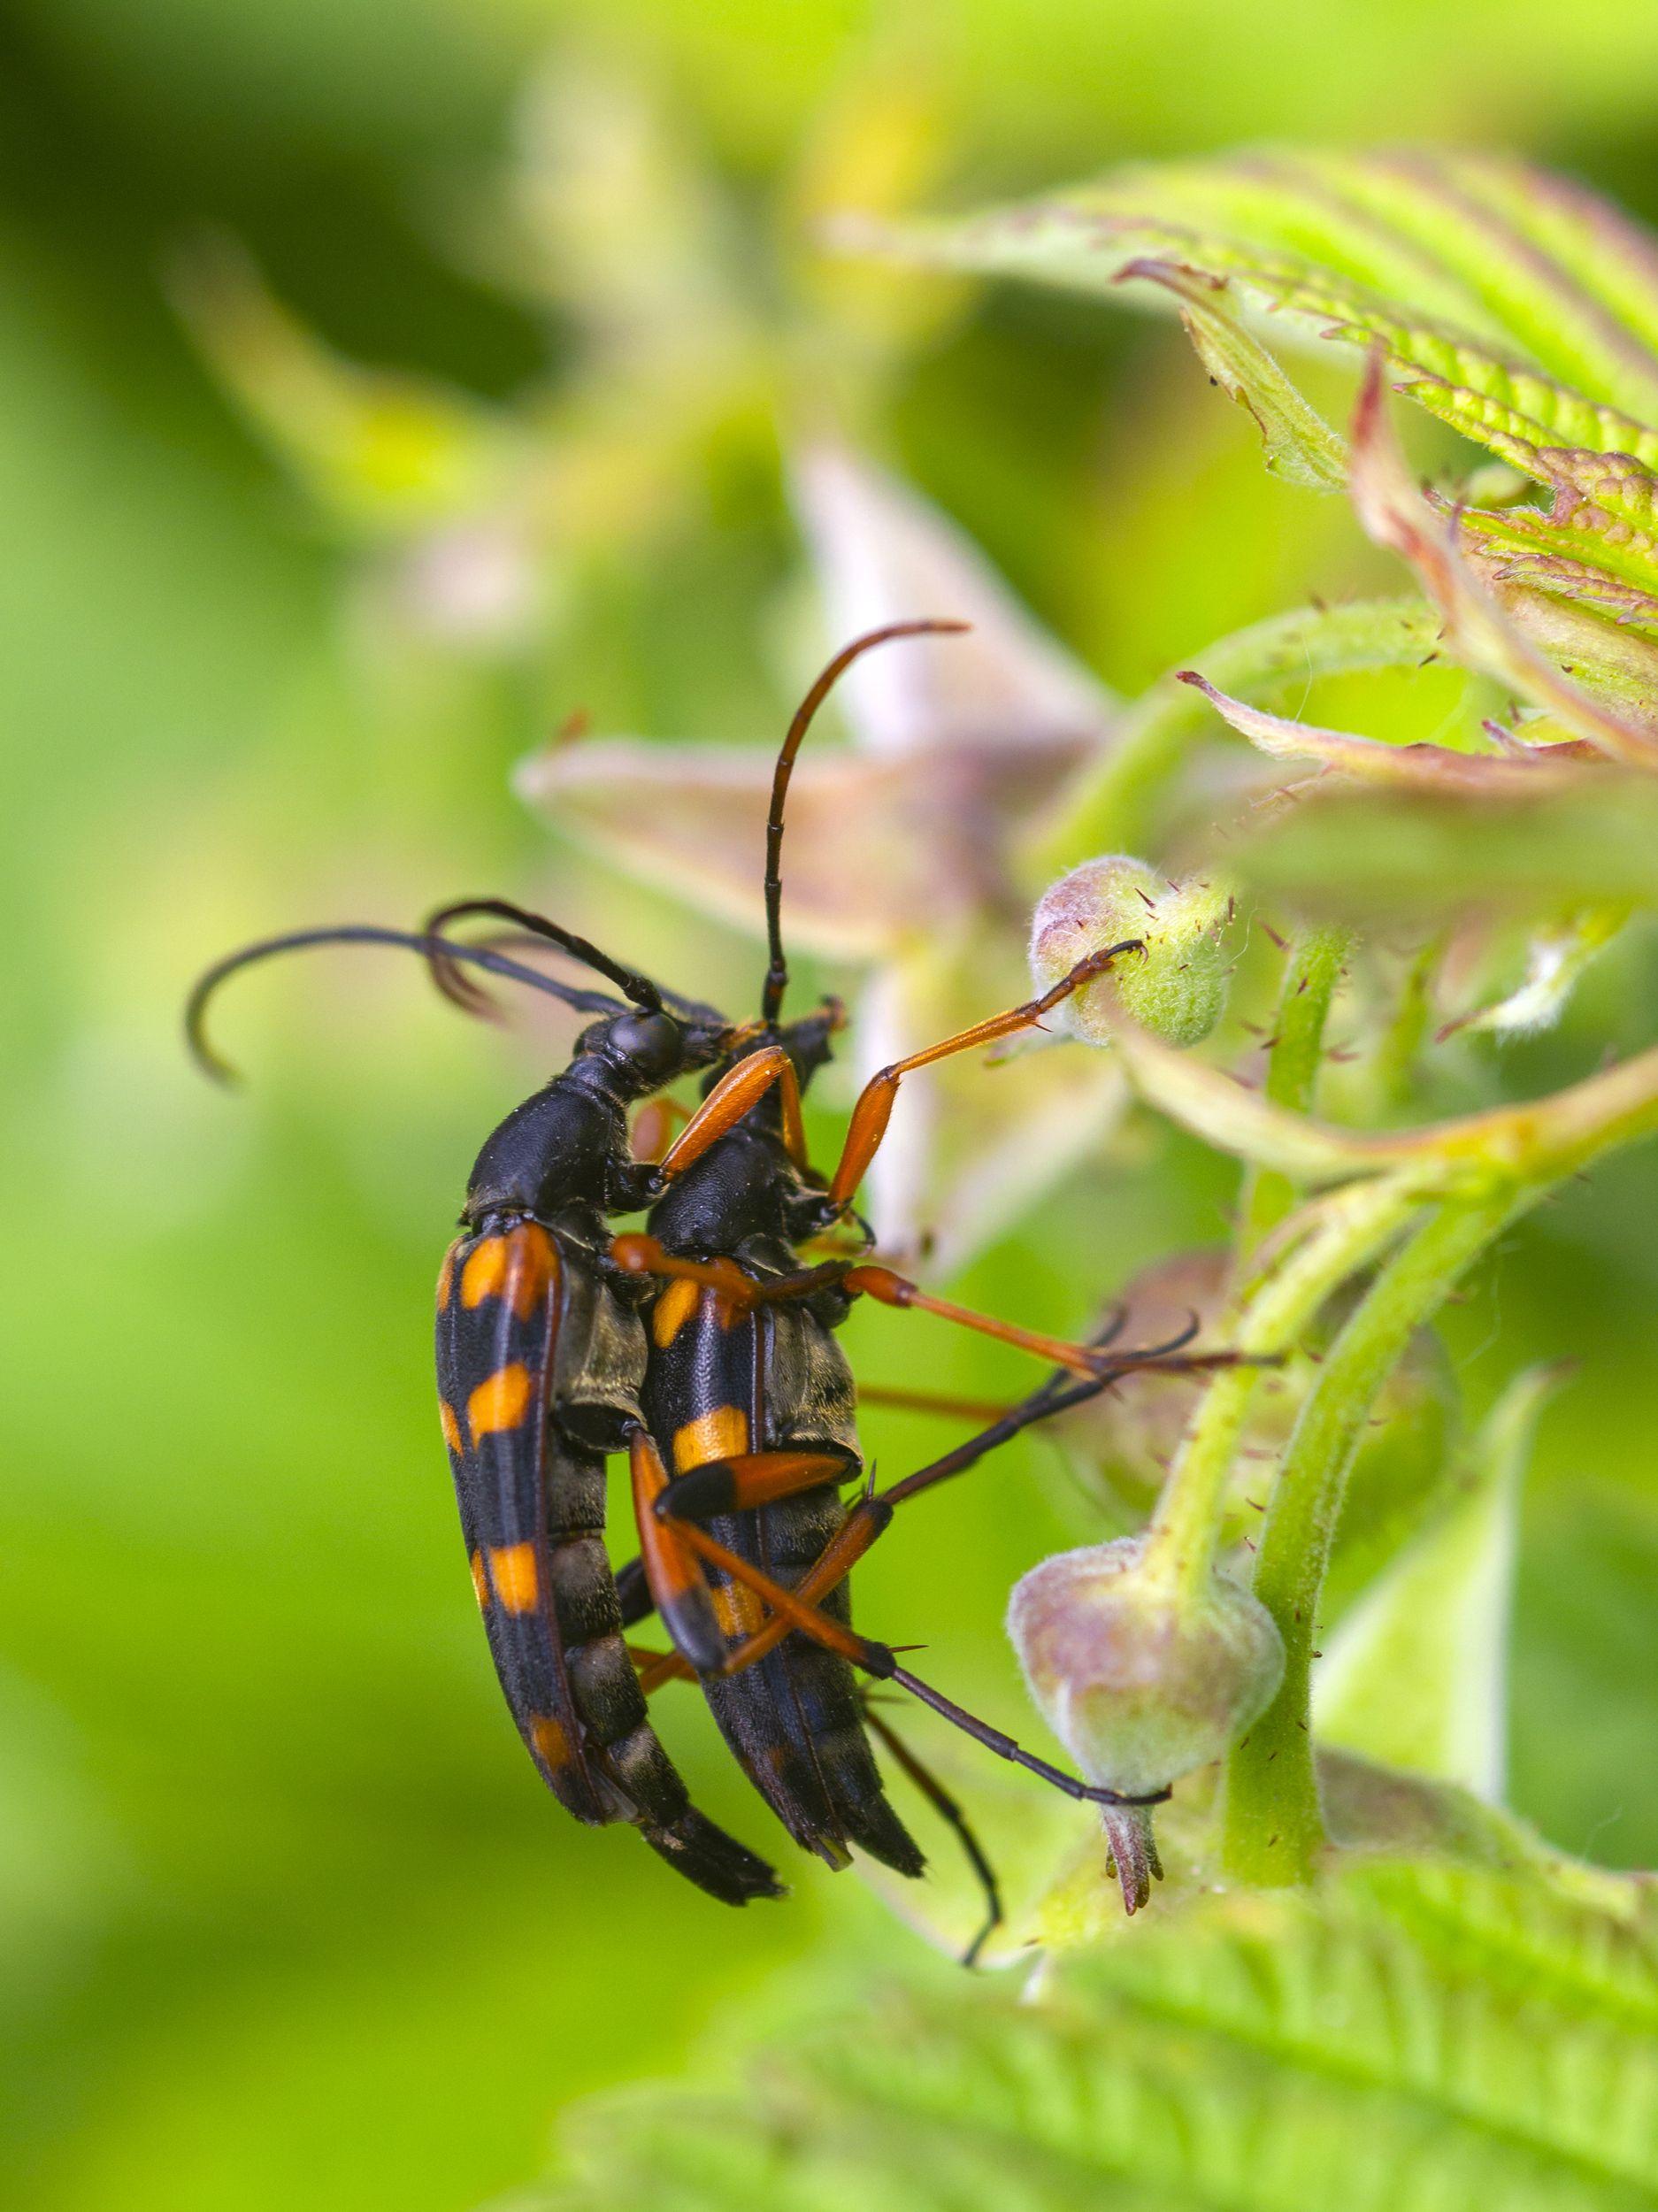 природа, лето, жуки, насекомые, жесткокрылые, Александр Кожухов